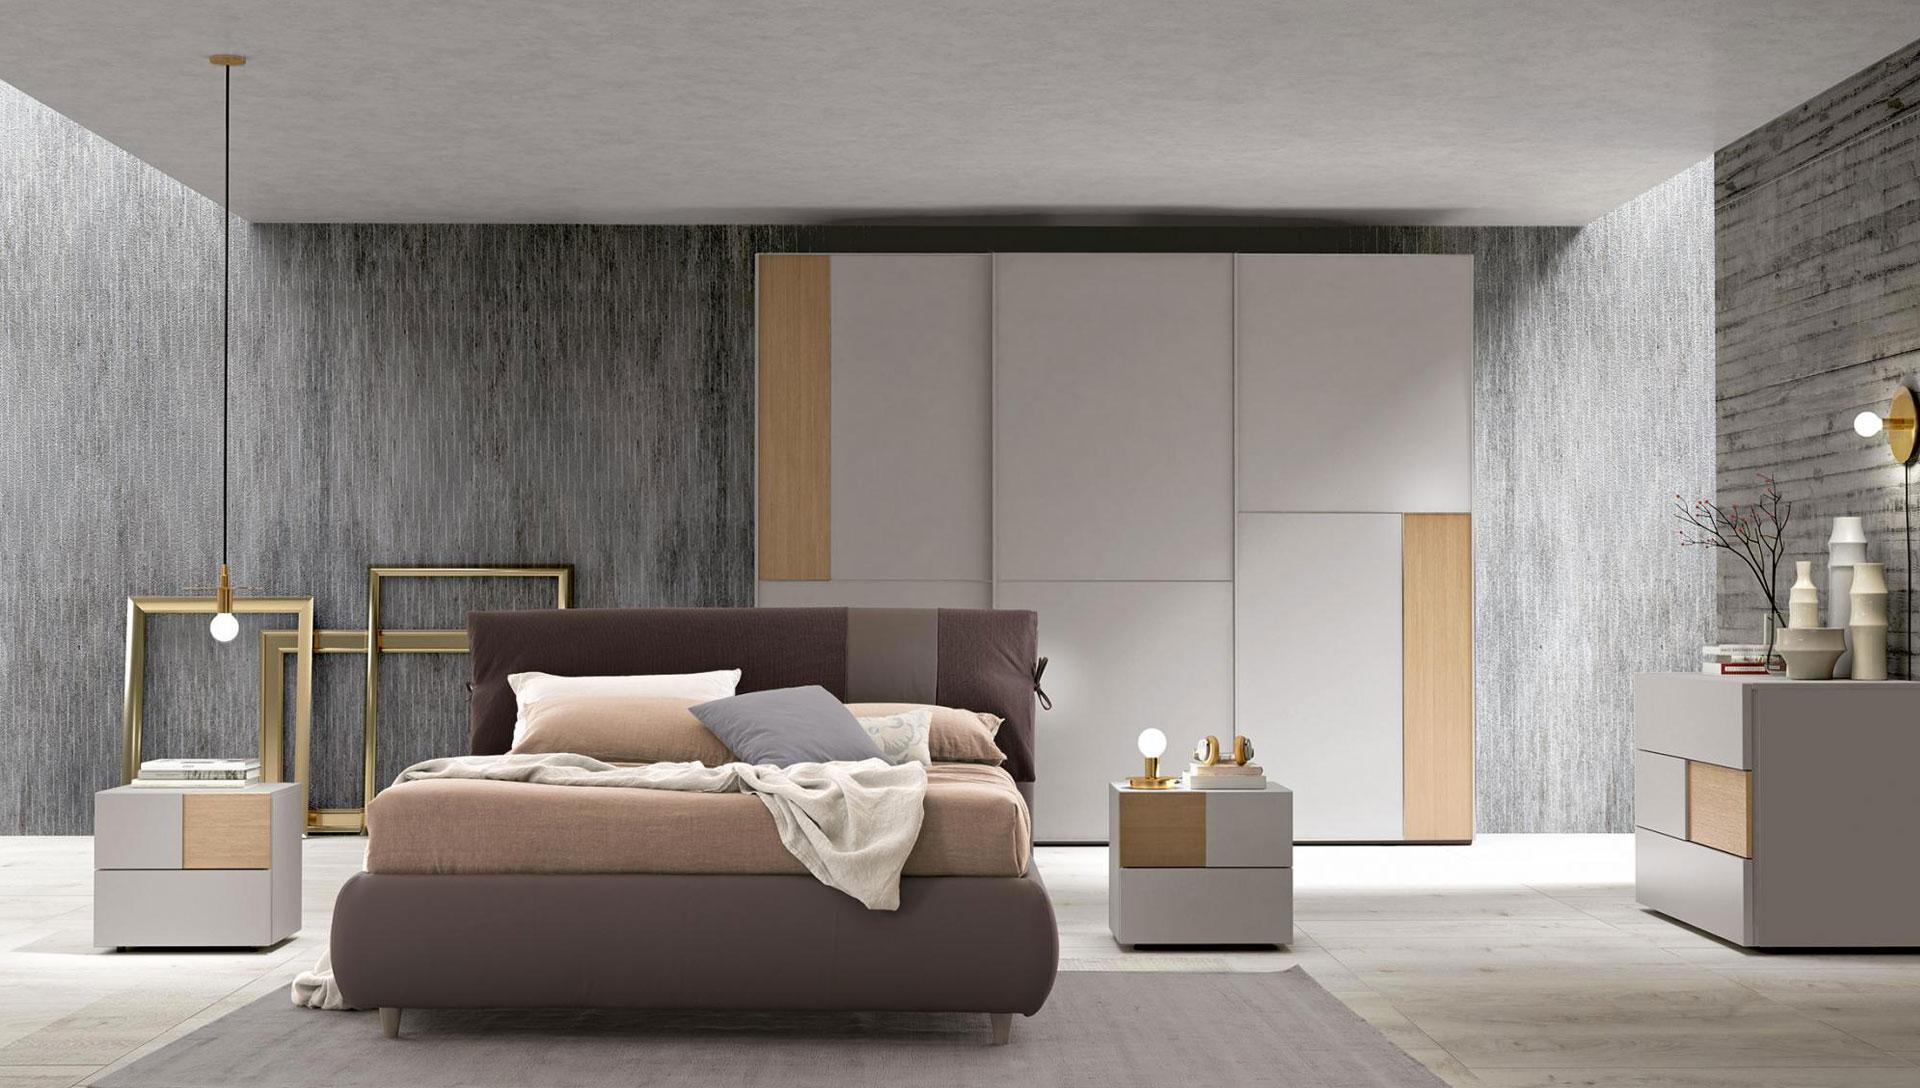 zona-notte-colombini-comodus-arredamenti-nicoletti-interni-interior-design-divani-complementi-arredo-mobili-design-accessori-matera